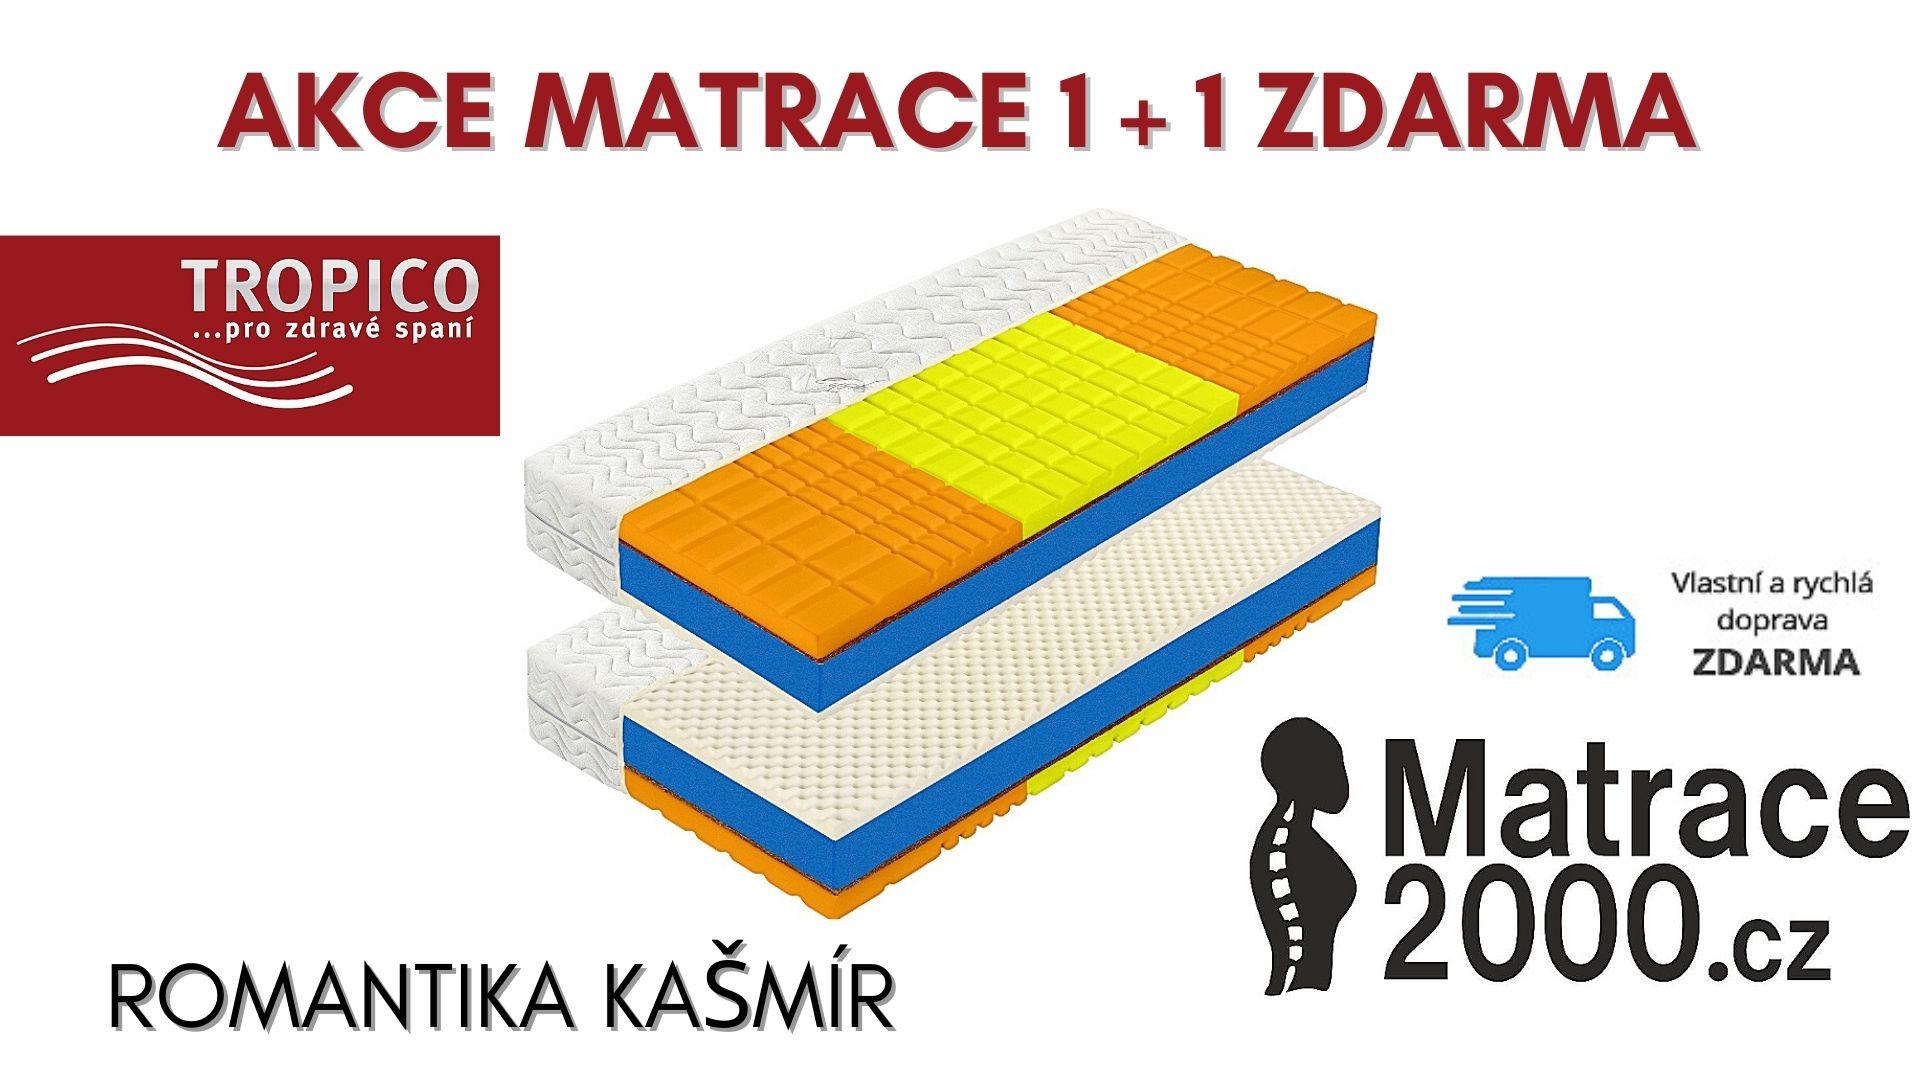 Matrace Tropico Romantika Kašmír + prodloužená záruka + matracový chránič v hodnotě 555 Kč - Matrace2000.cz